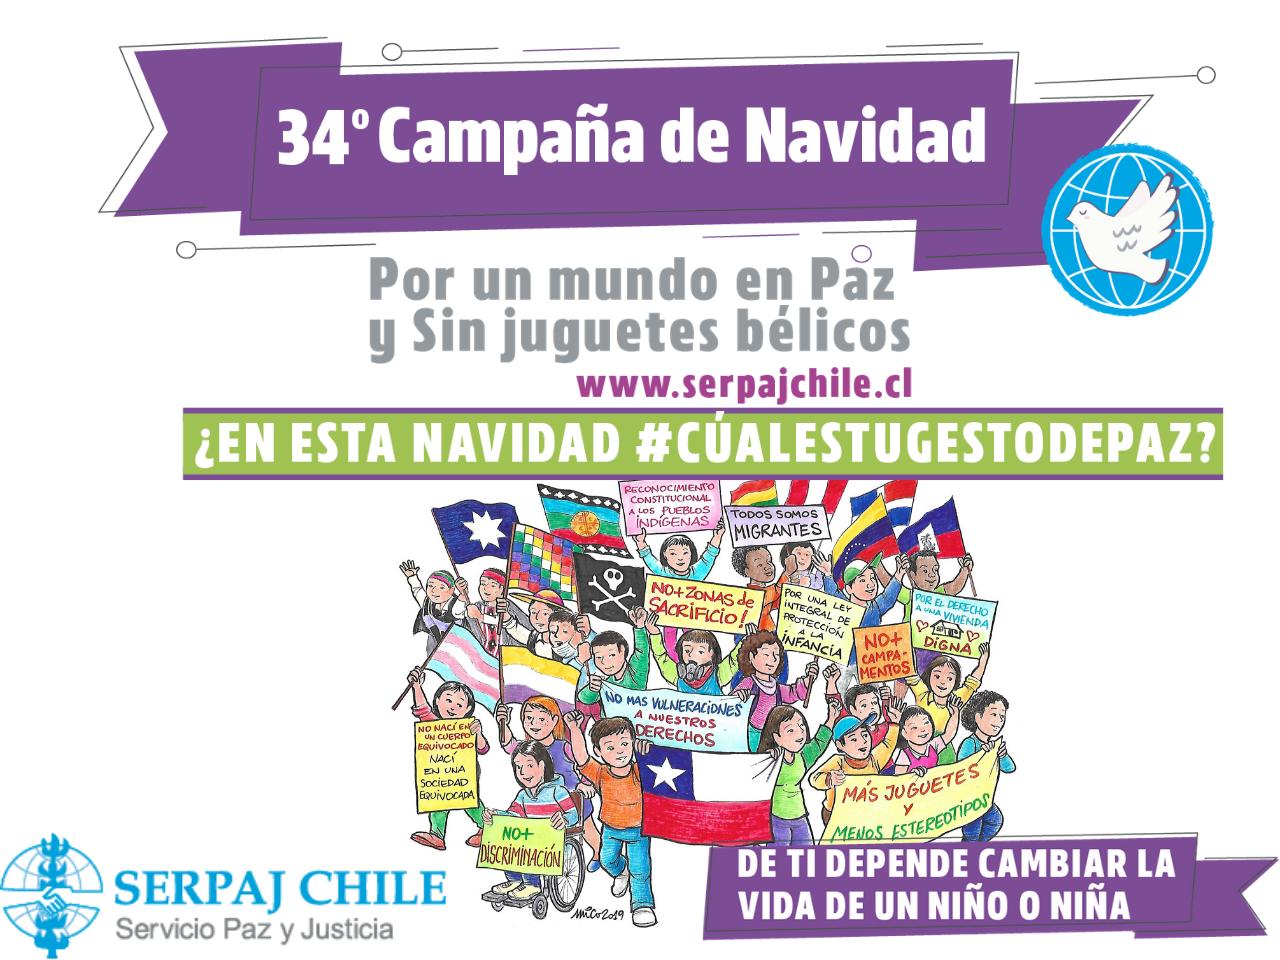 SERPAJ Chile lanza Campaña de Navidad que visibiliza  los derechos de los niños, niñas y adolescentes